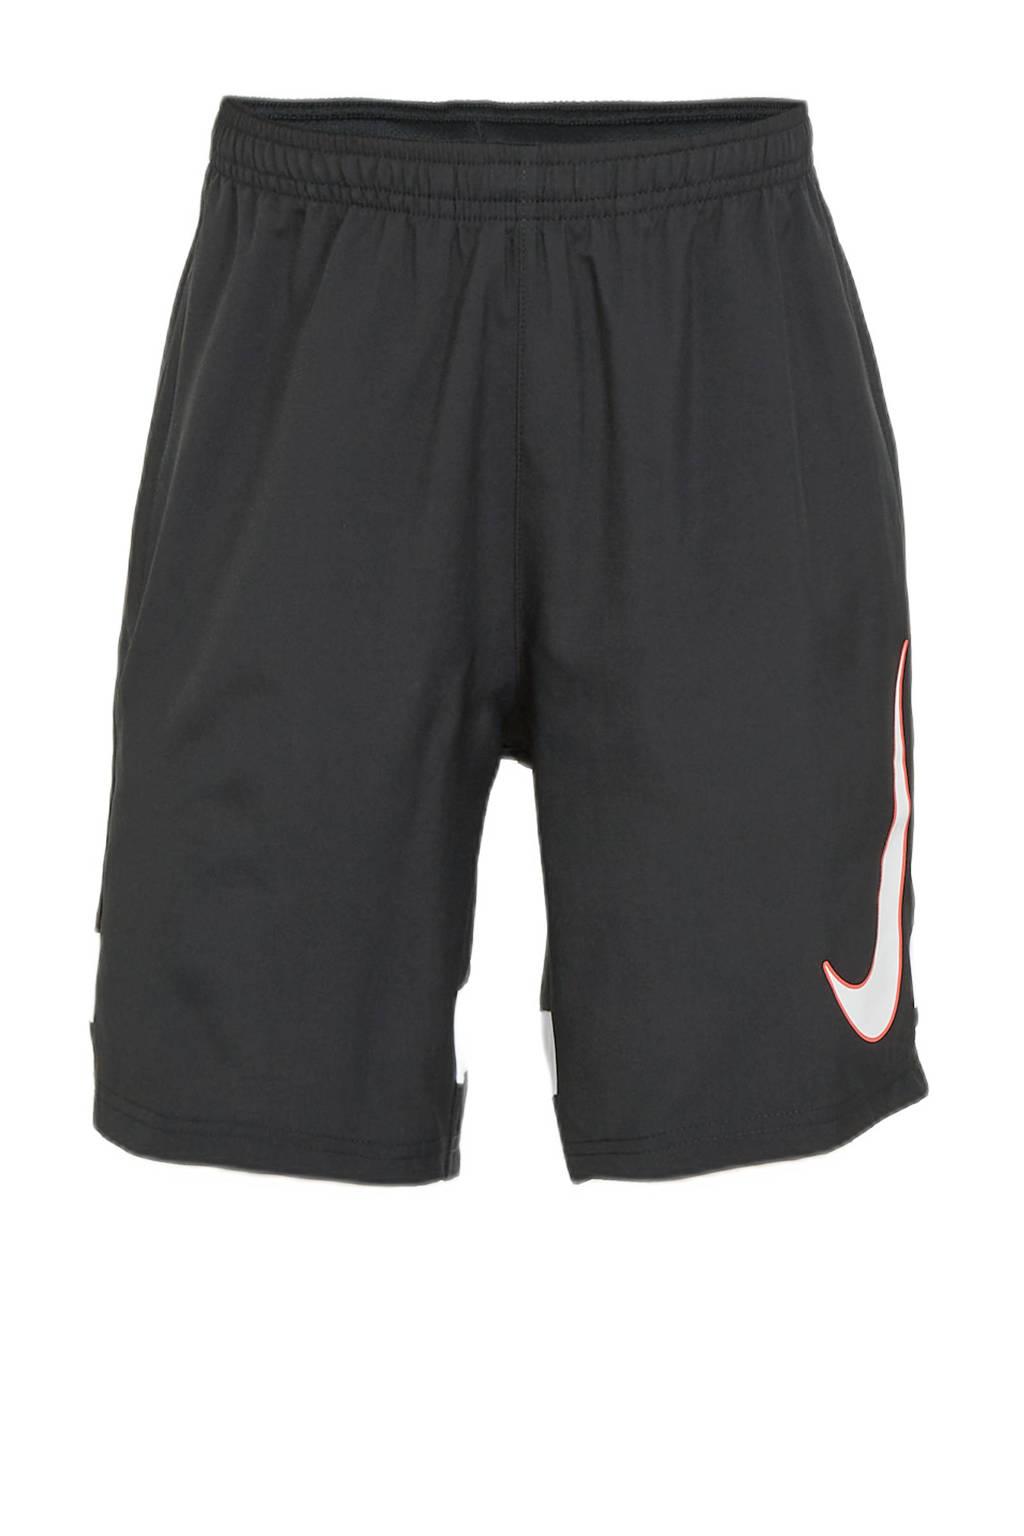 Nike   sportshort zwart/wit, Zwart